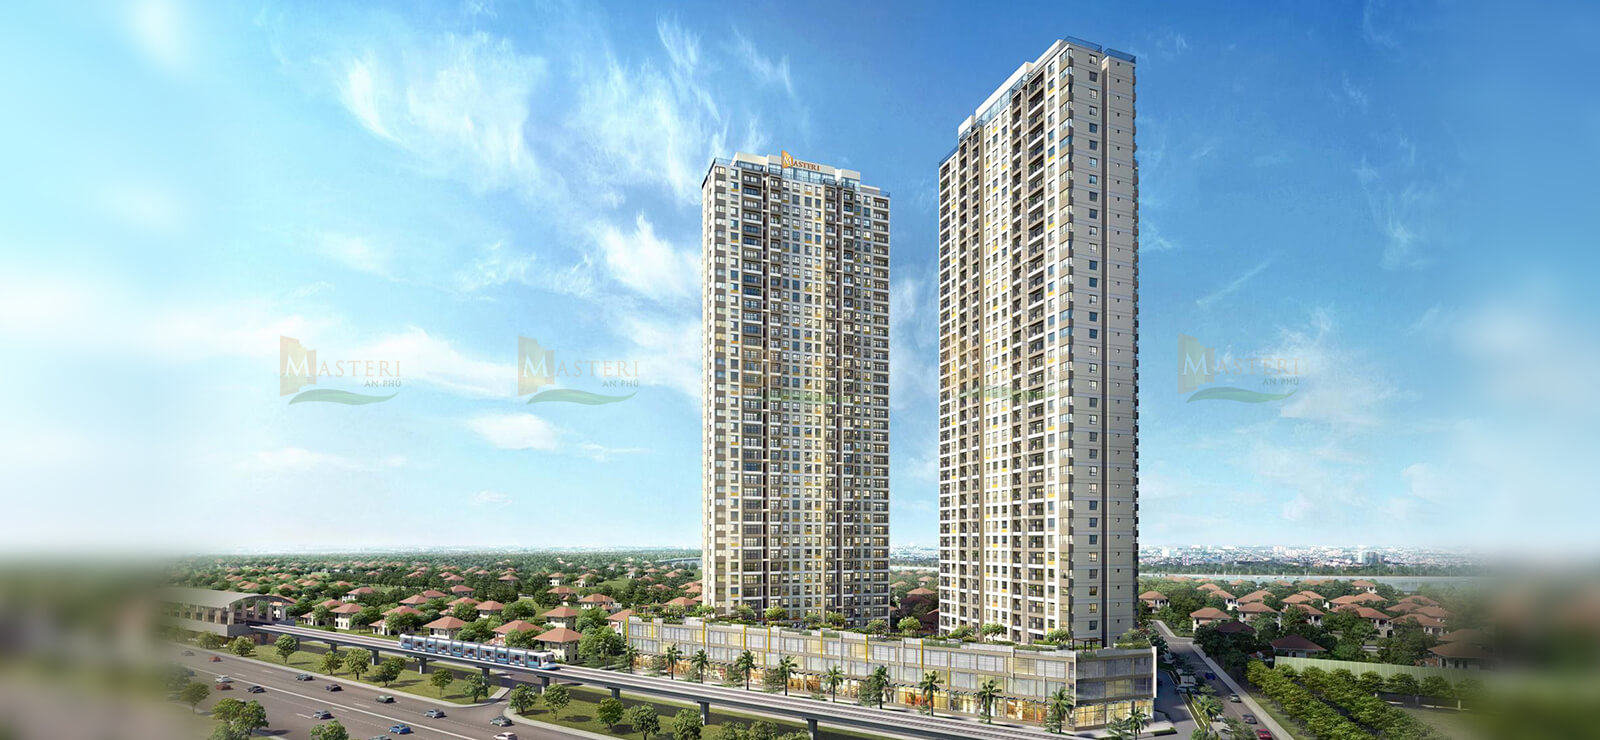 Bảng giá cho thuê căn hộ chung cư Masteri An Phú